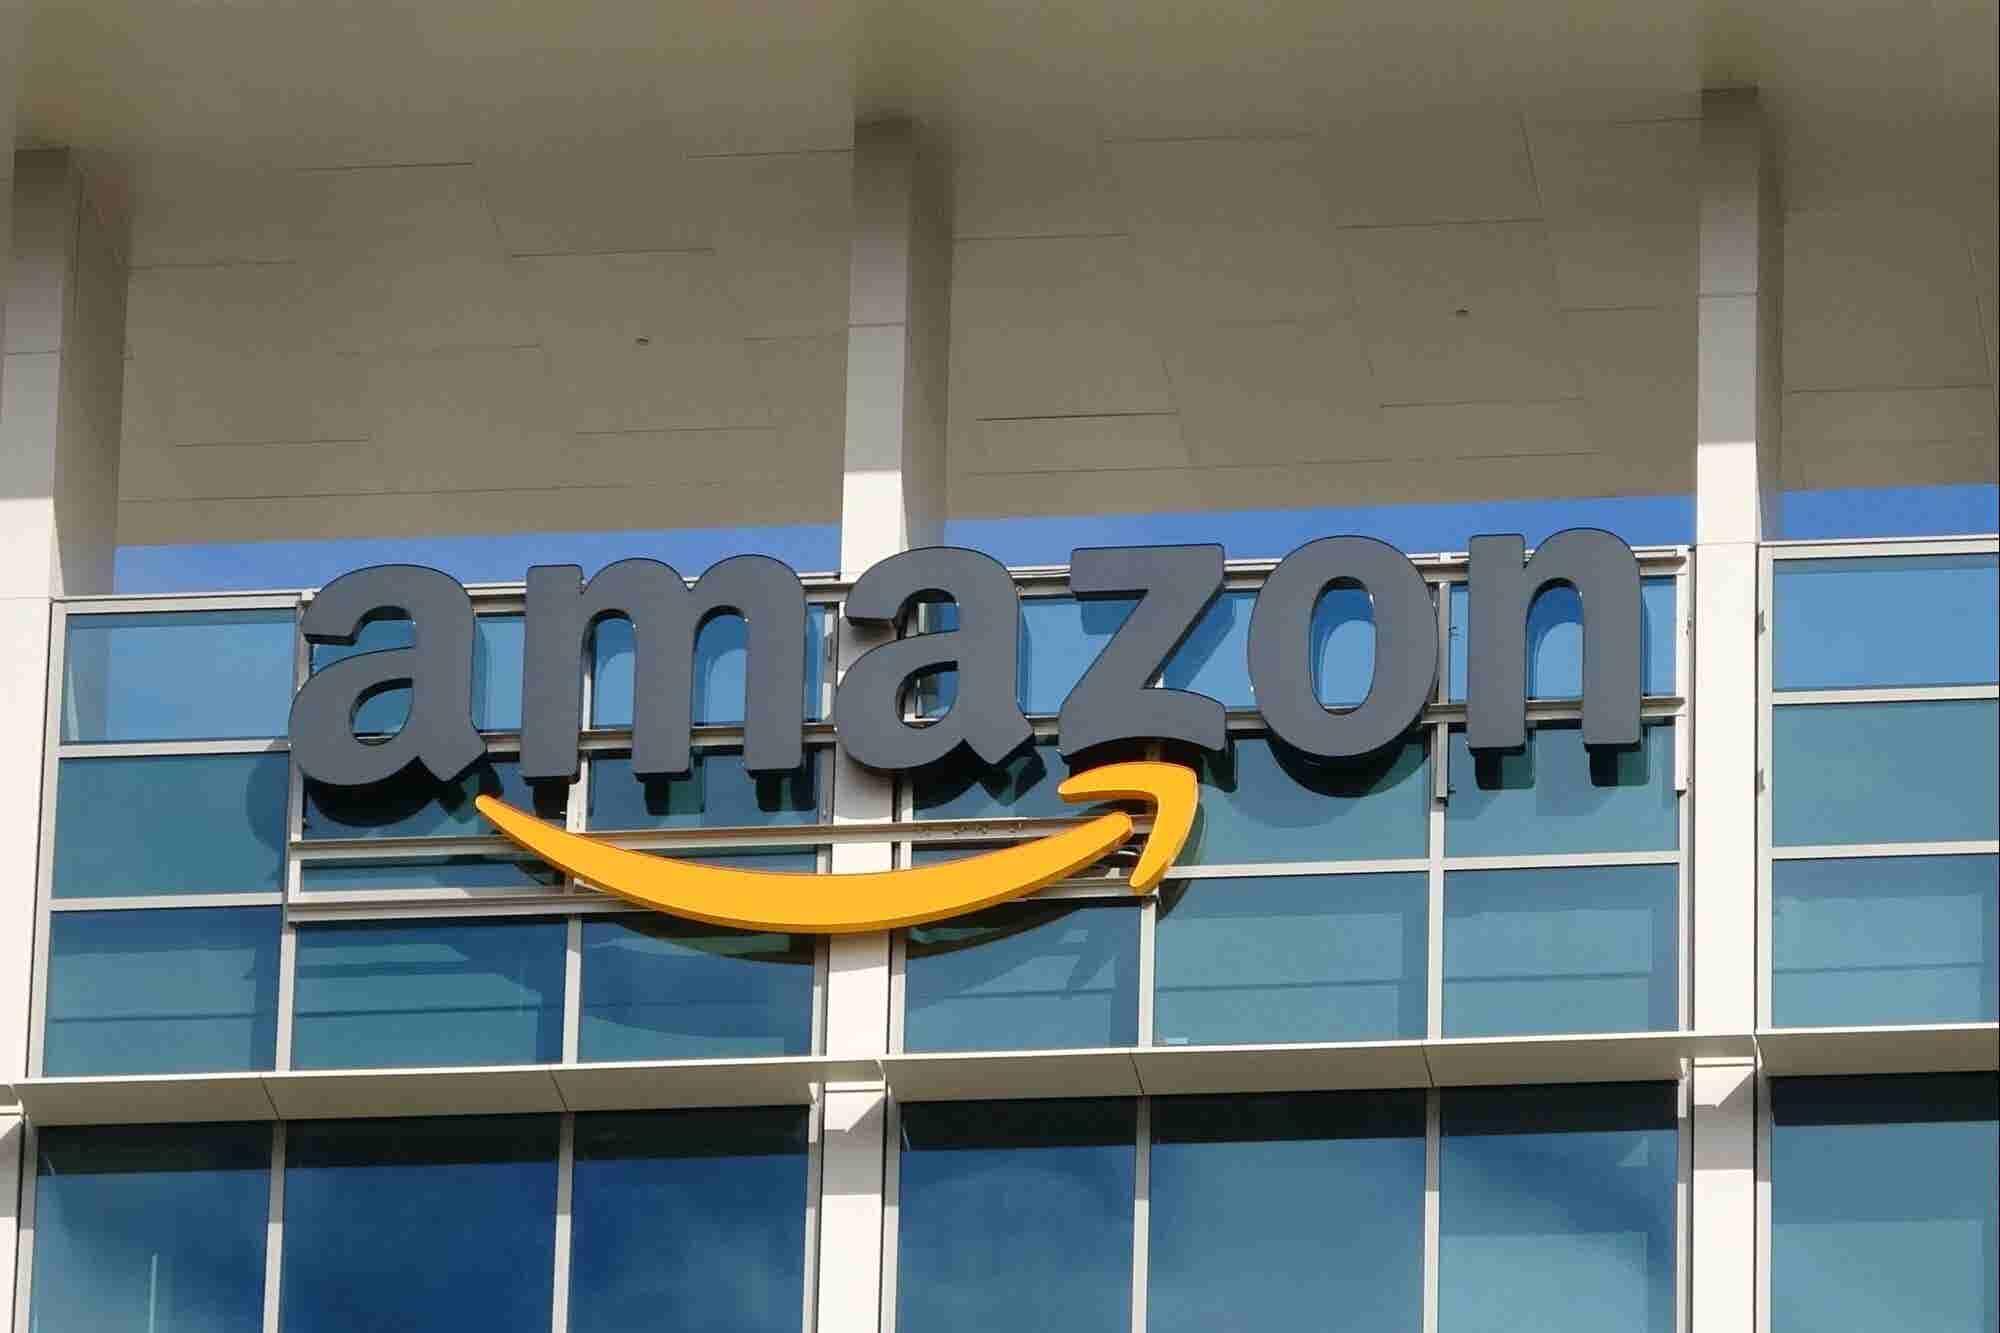 Esta es la declaración de Amazon sobre por qué saca su nueva sede de Nueva York